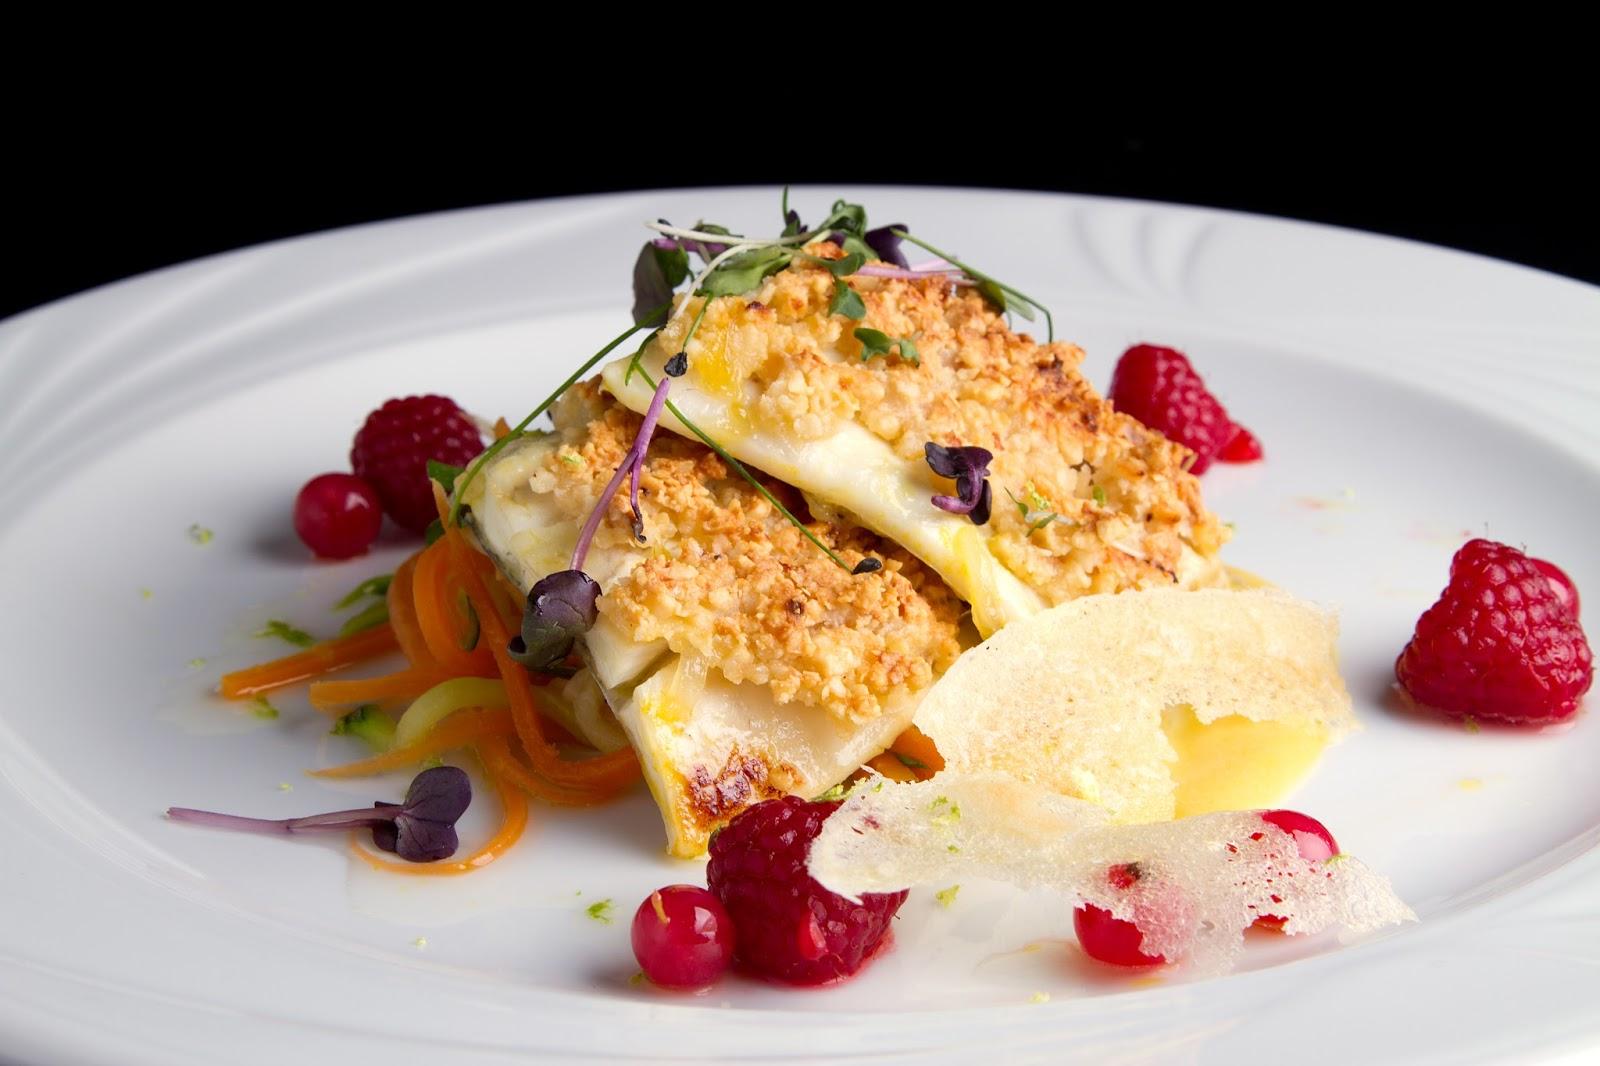 Concurso de cocina hosteler a y turismo alpaj s Procesos de cocina jose luis armendariz